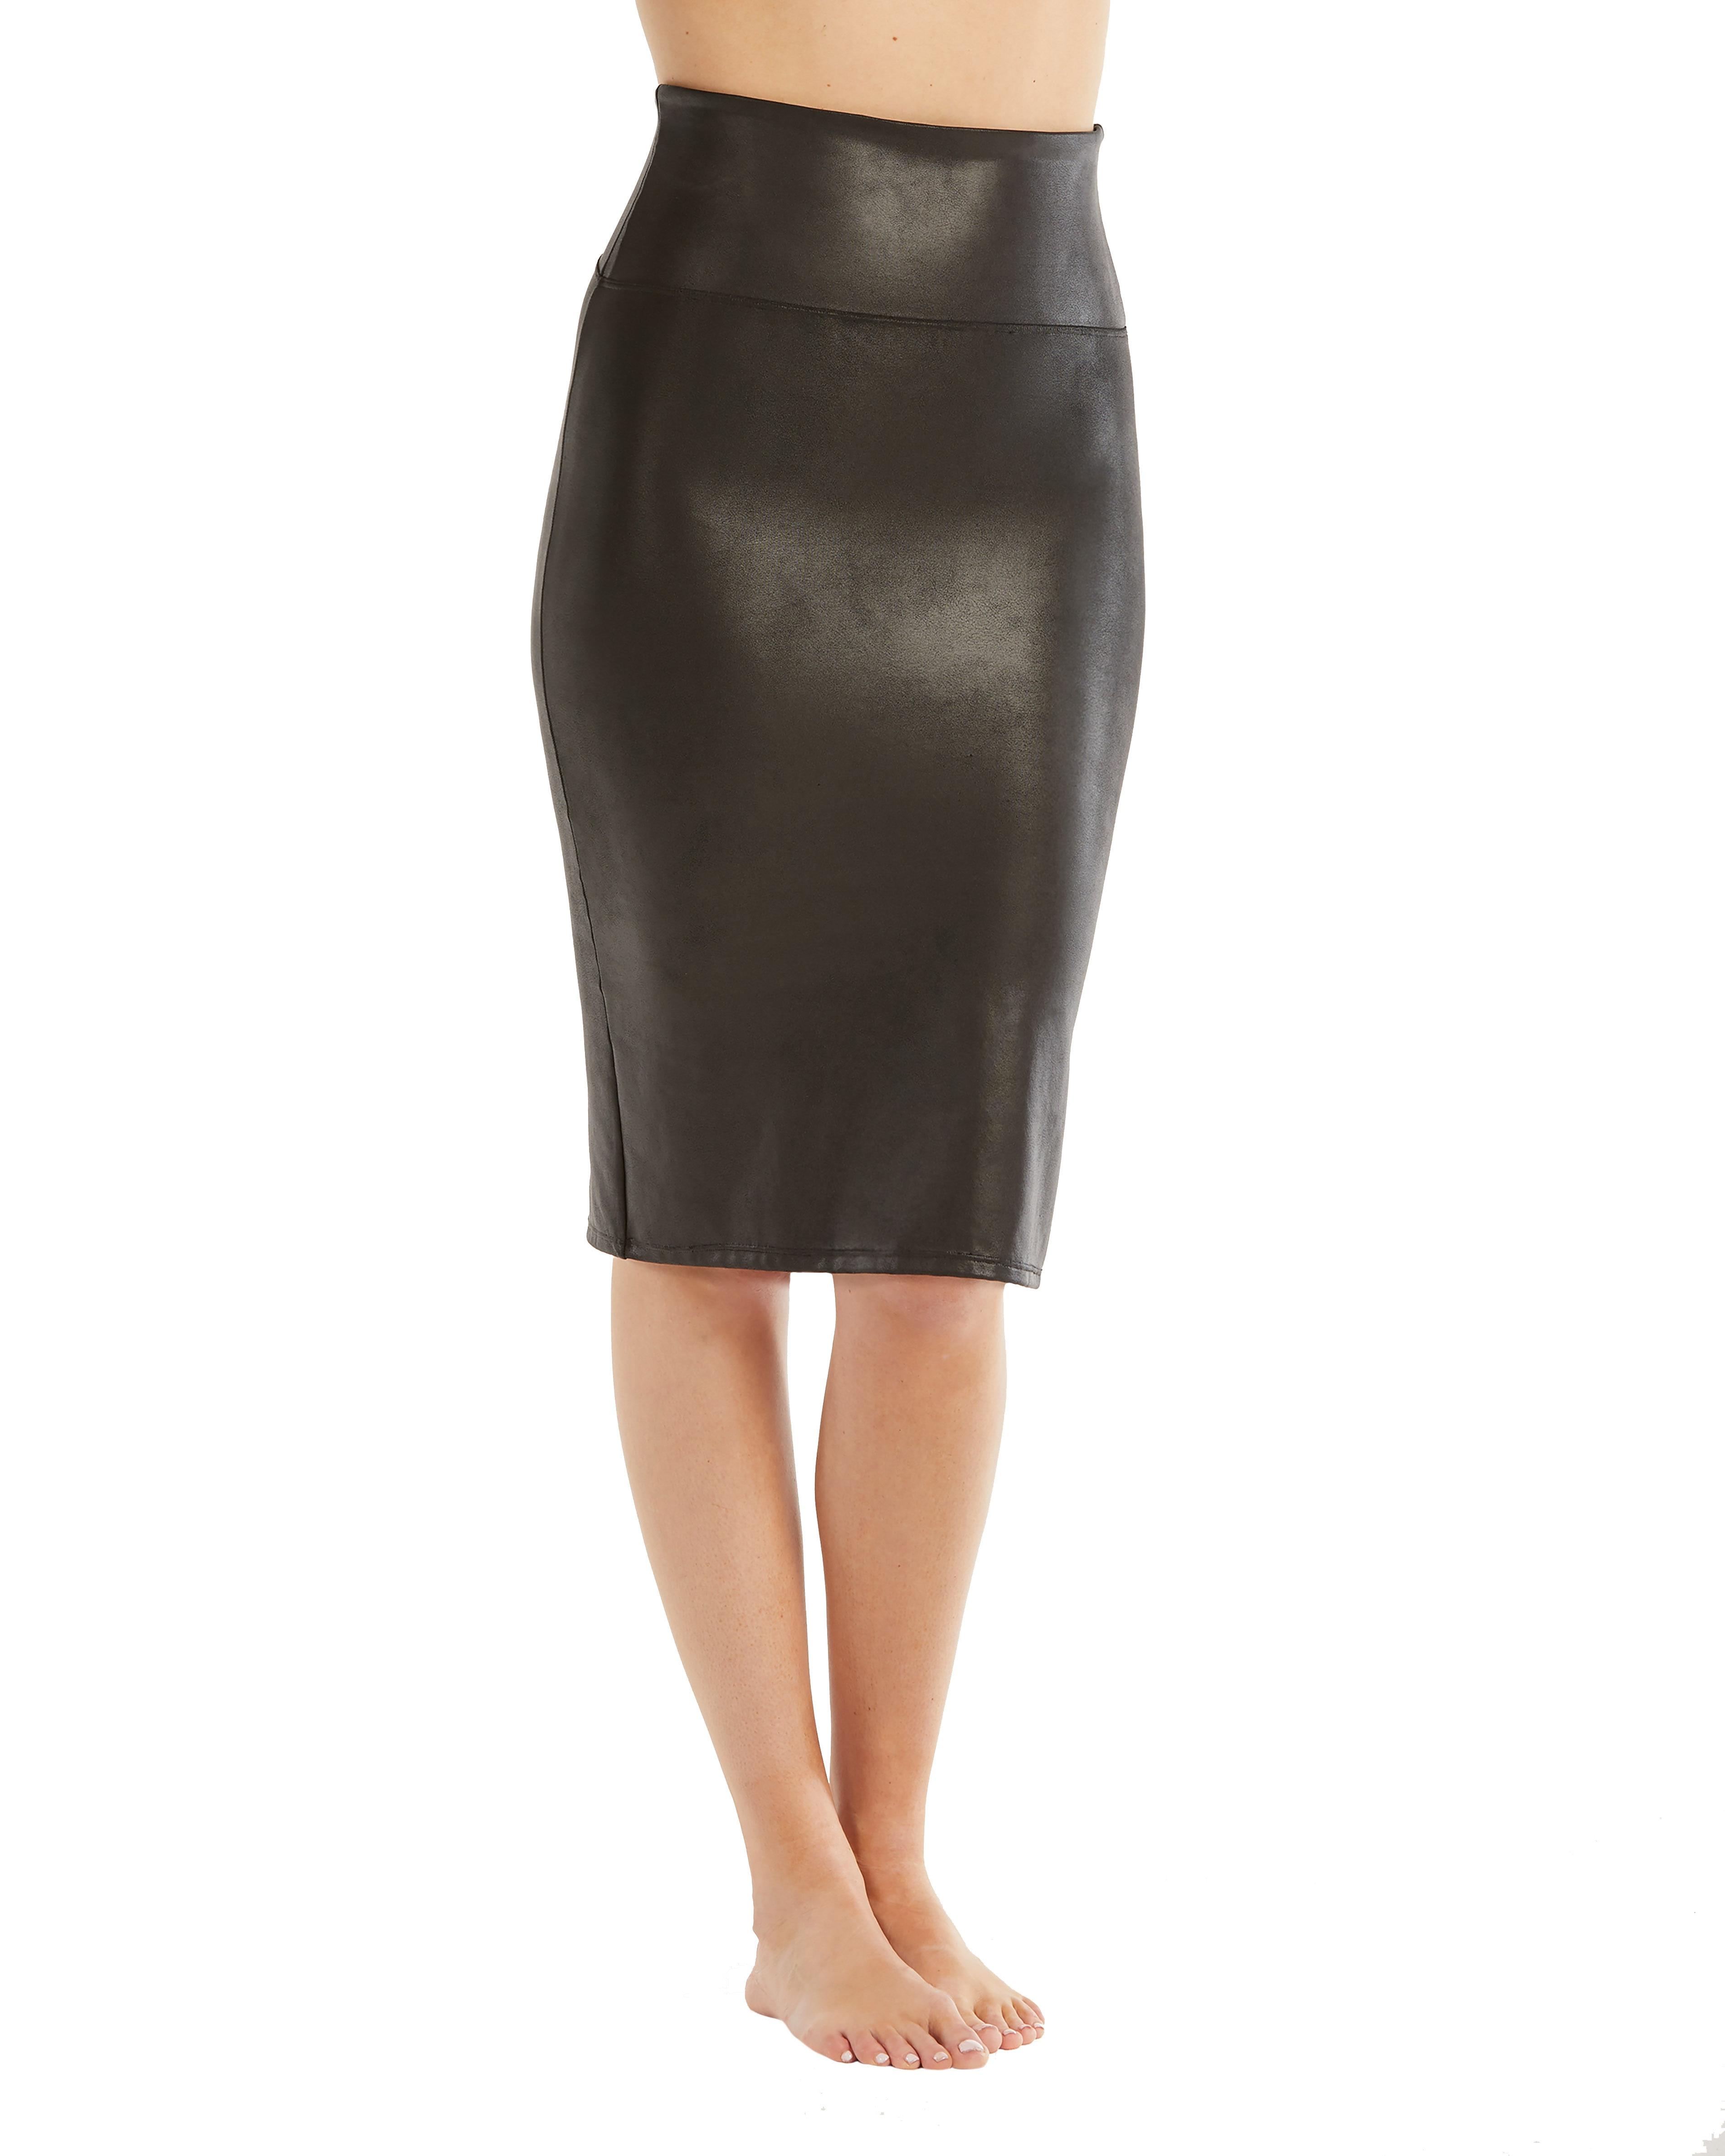 Spank shape wear